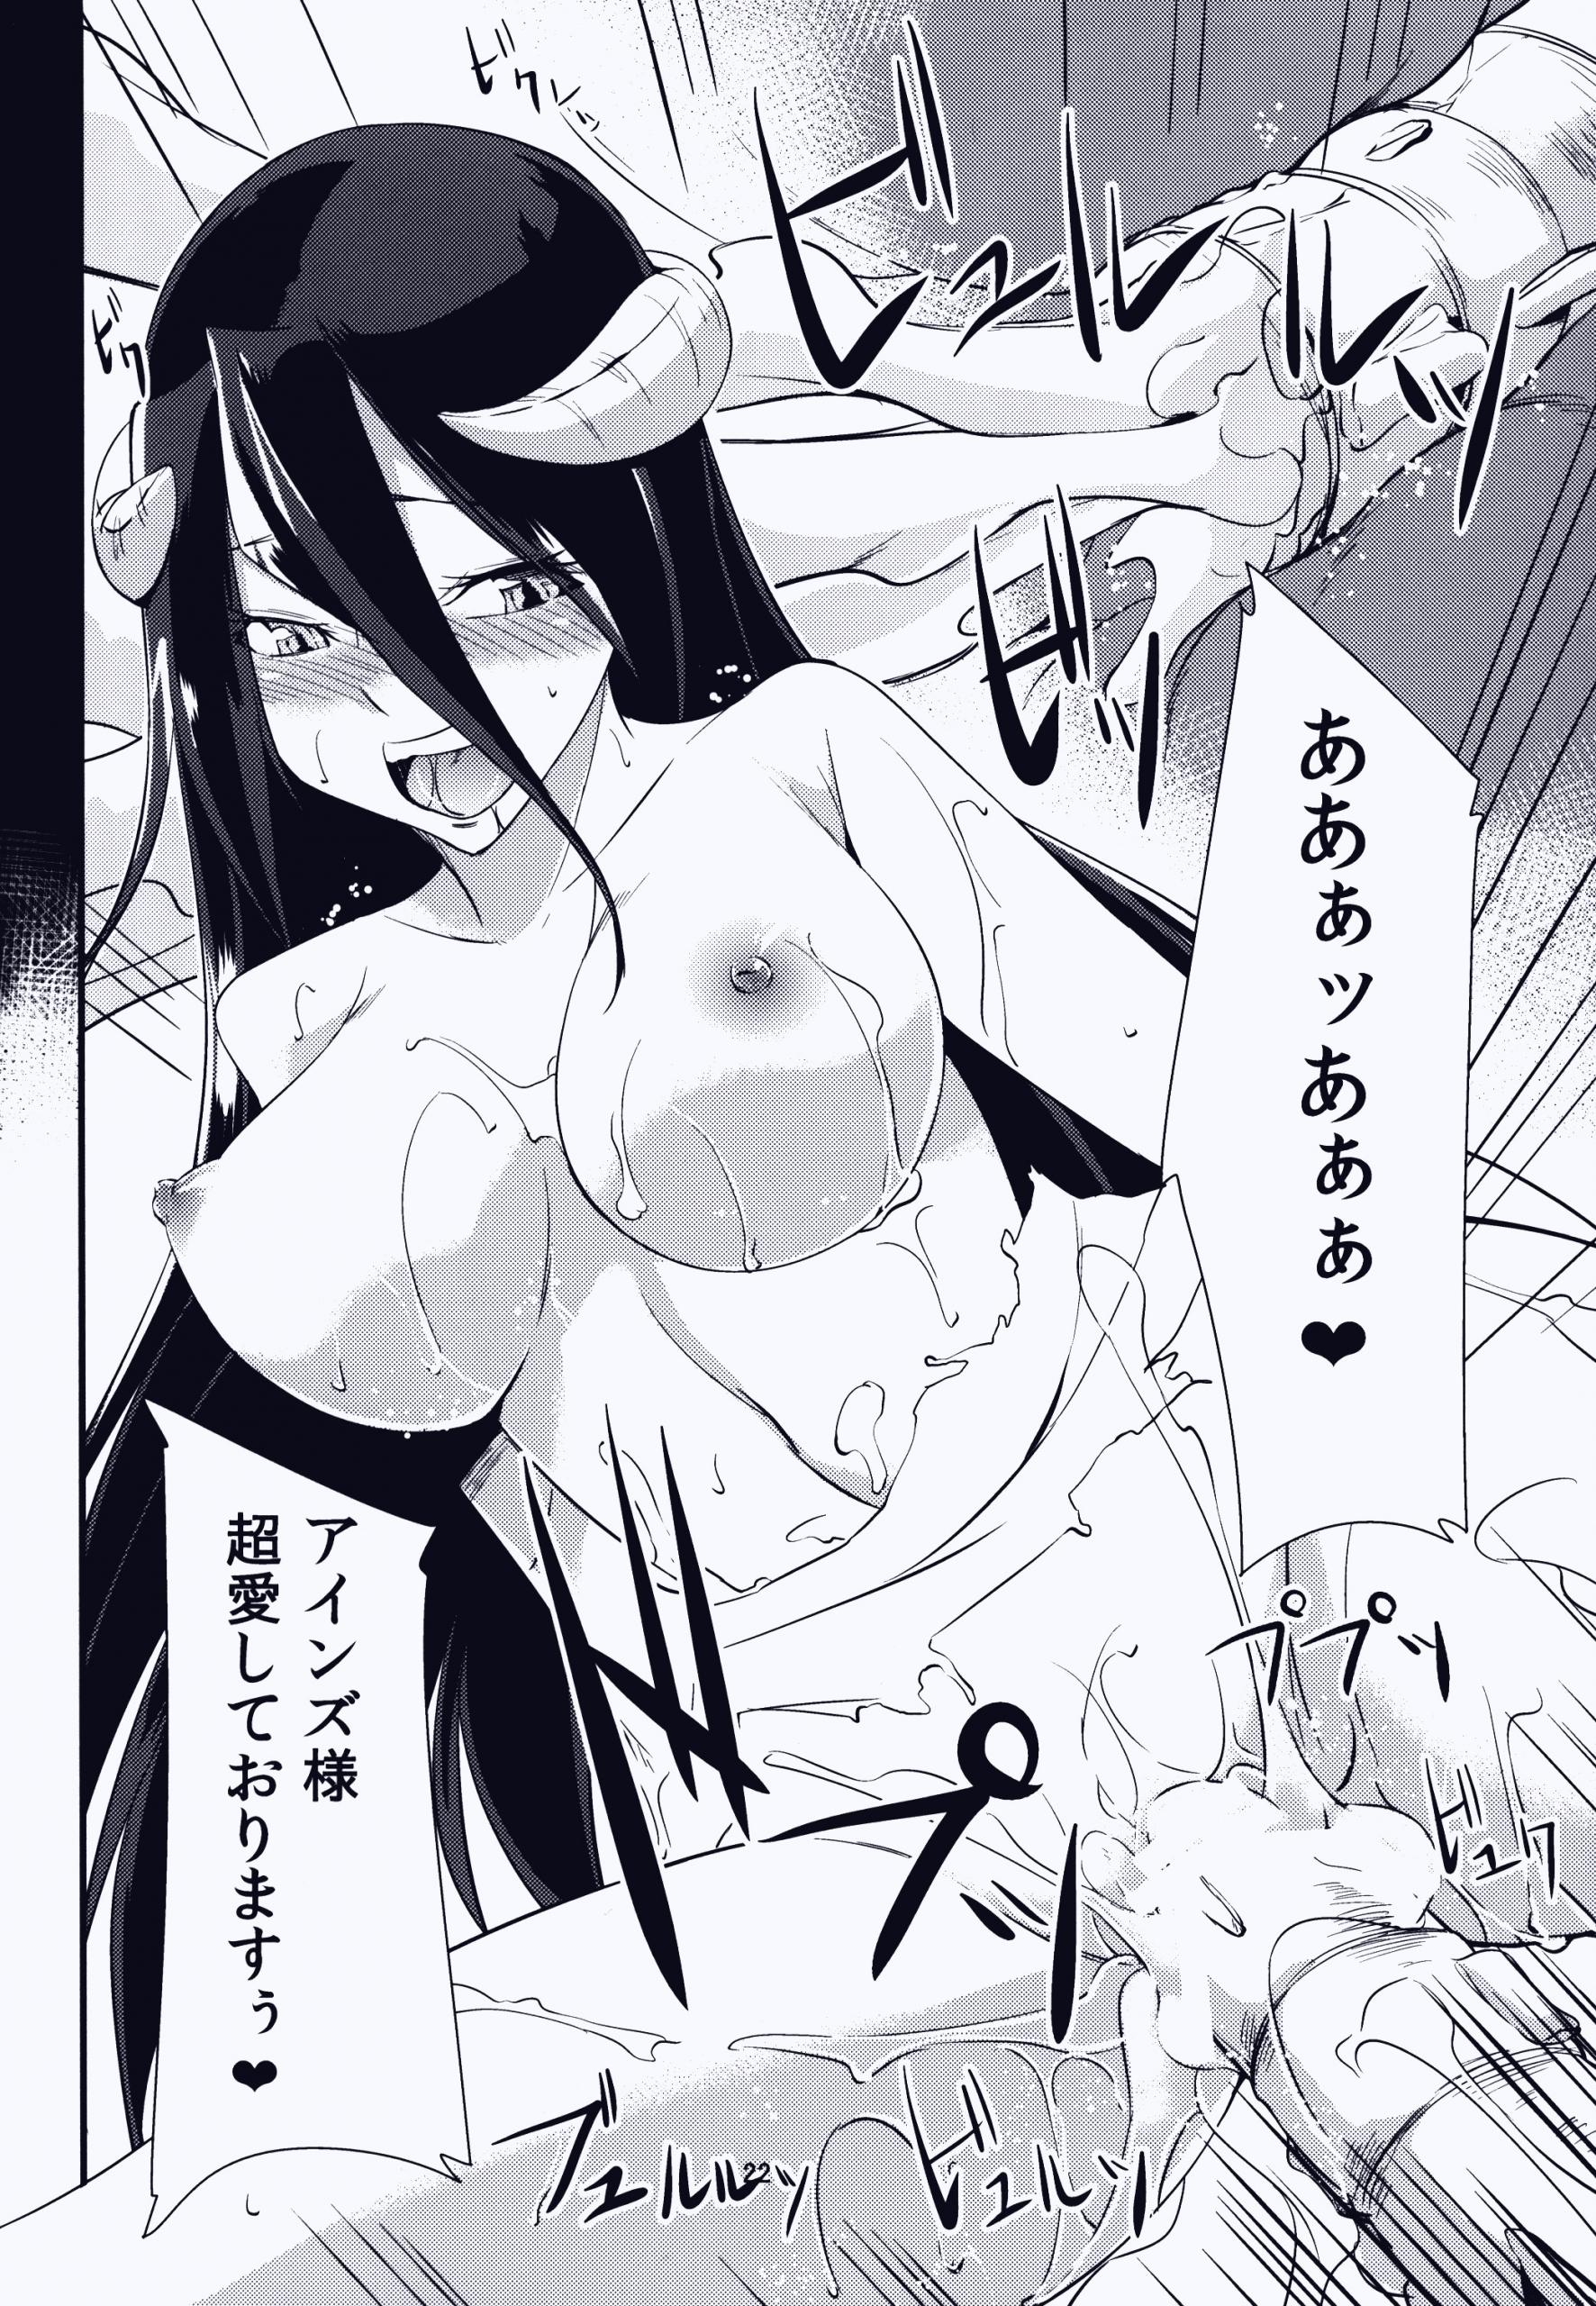 Shikounaru Tawamure page 21